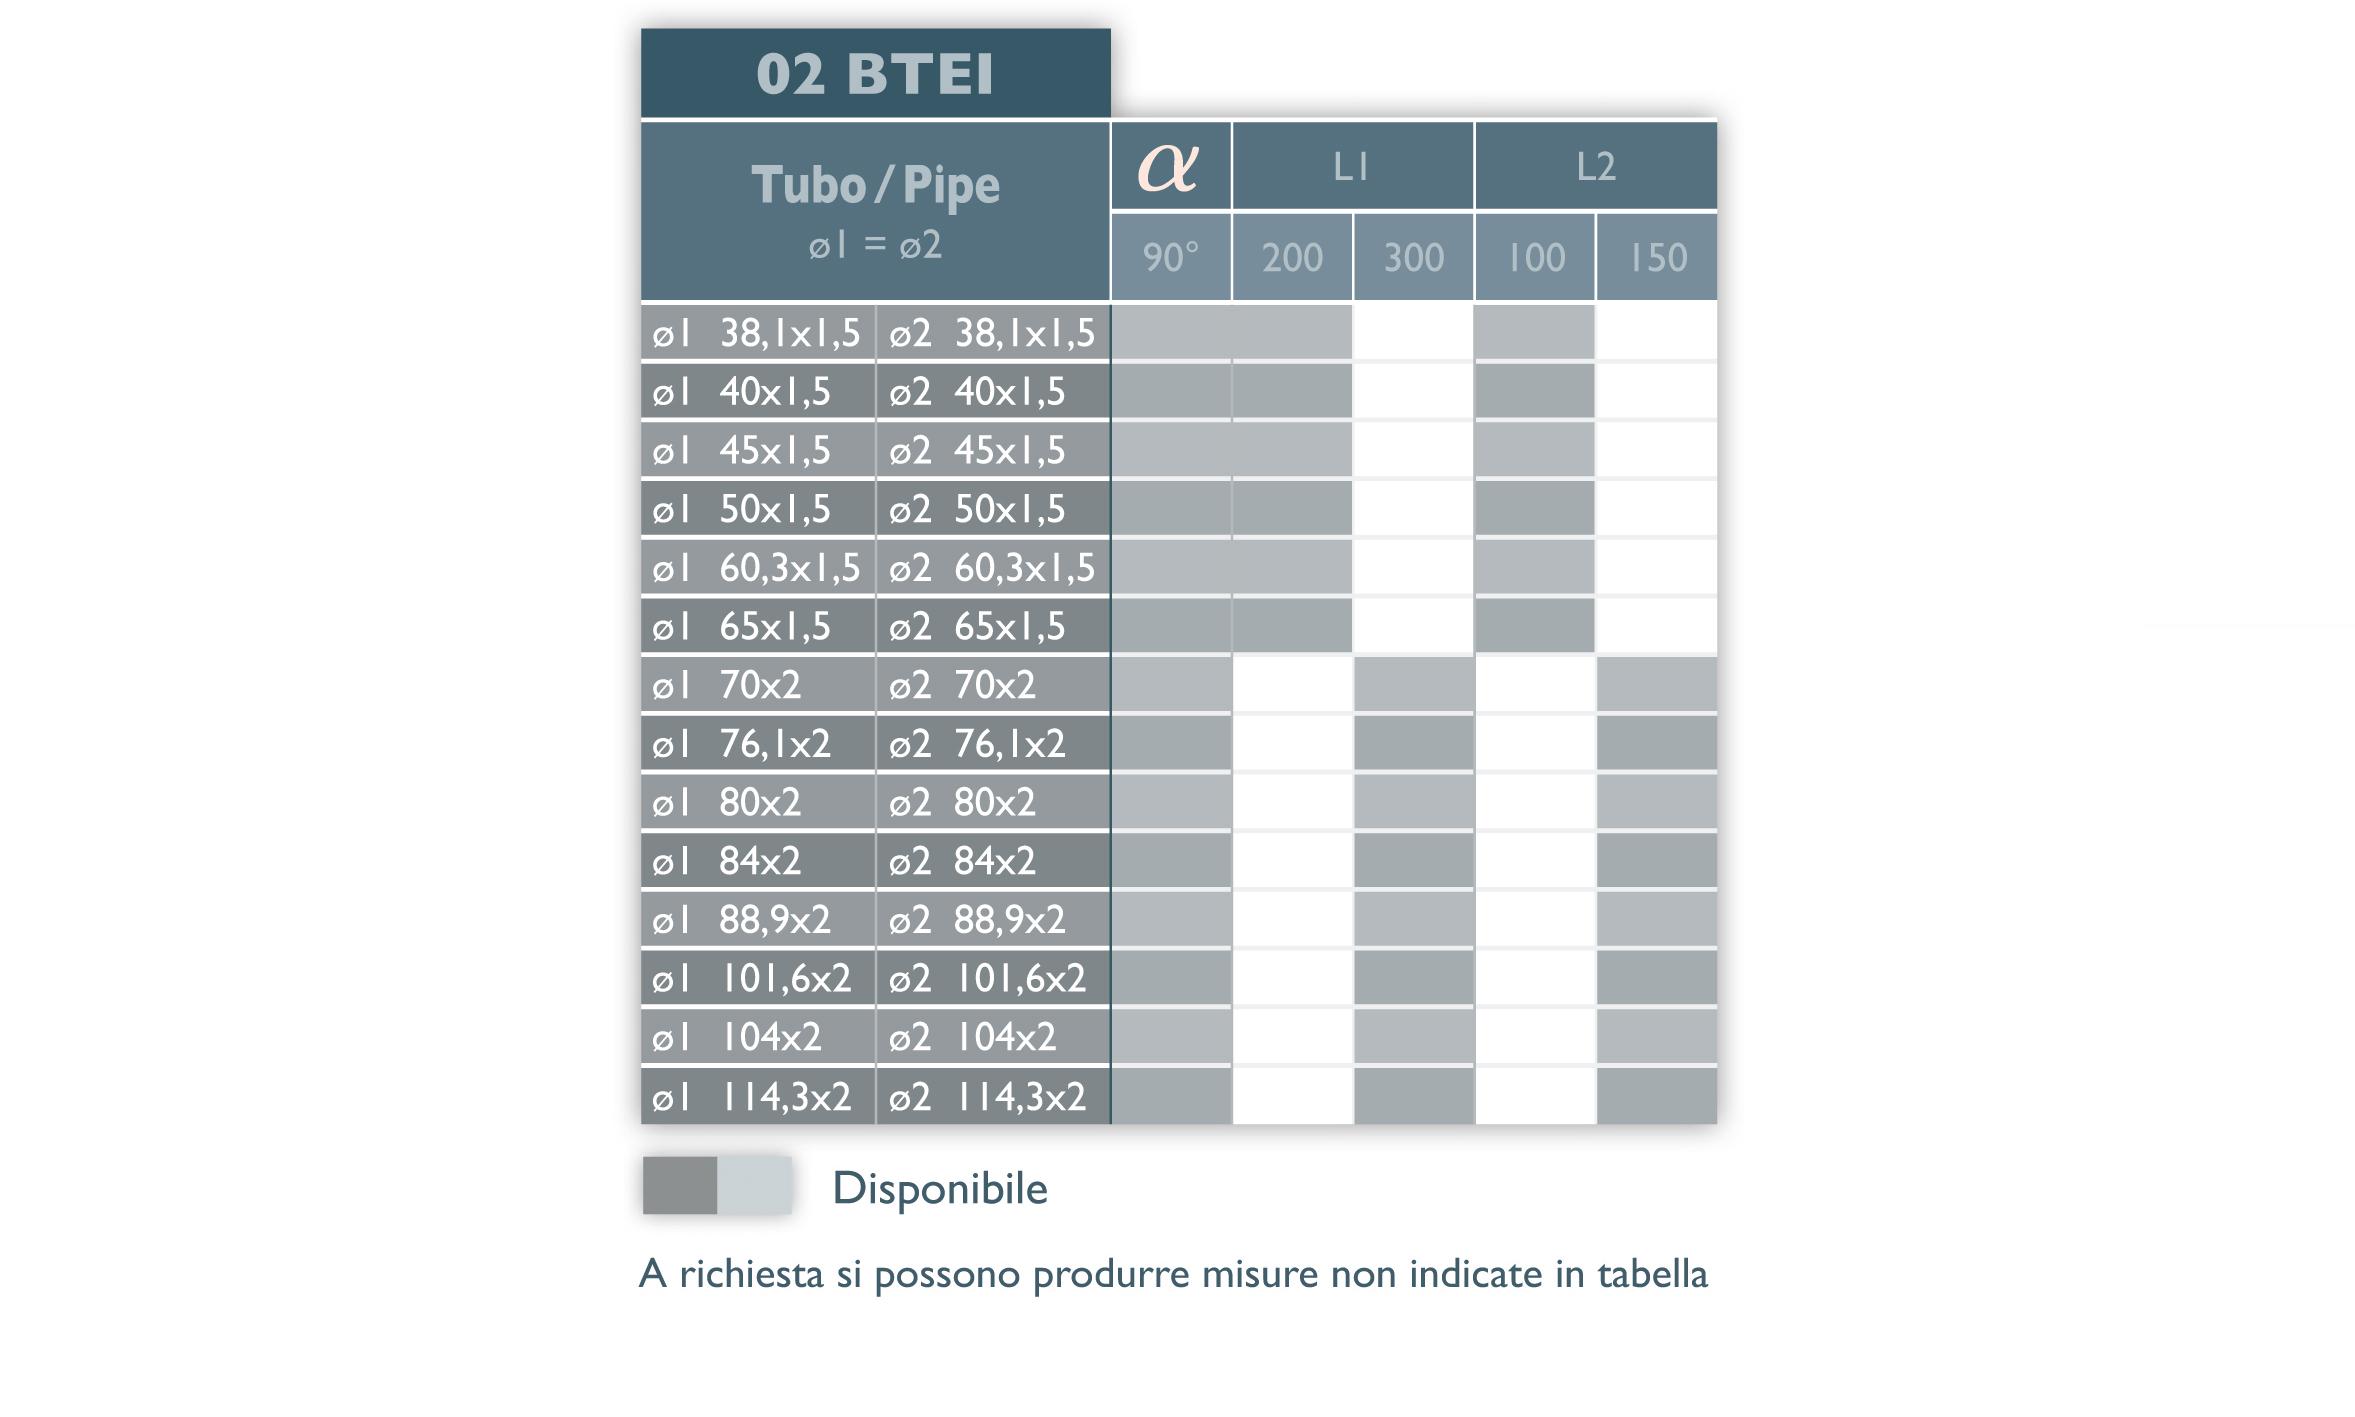 TABELLA RACCORDI INOX 304 BTEI BIS